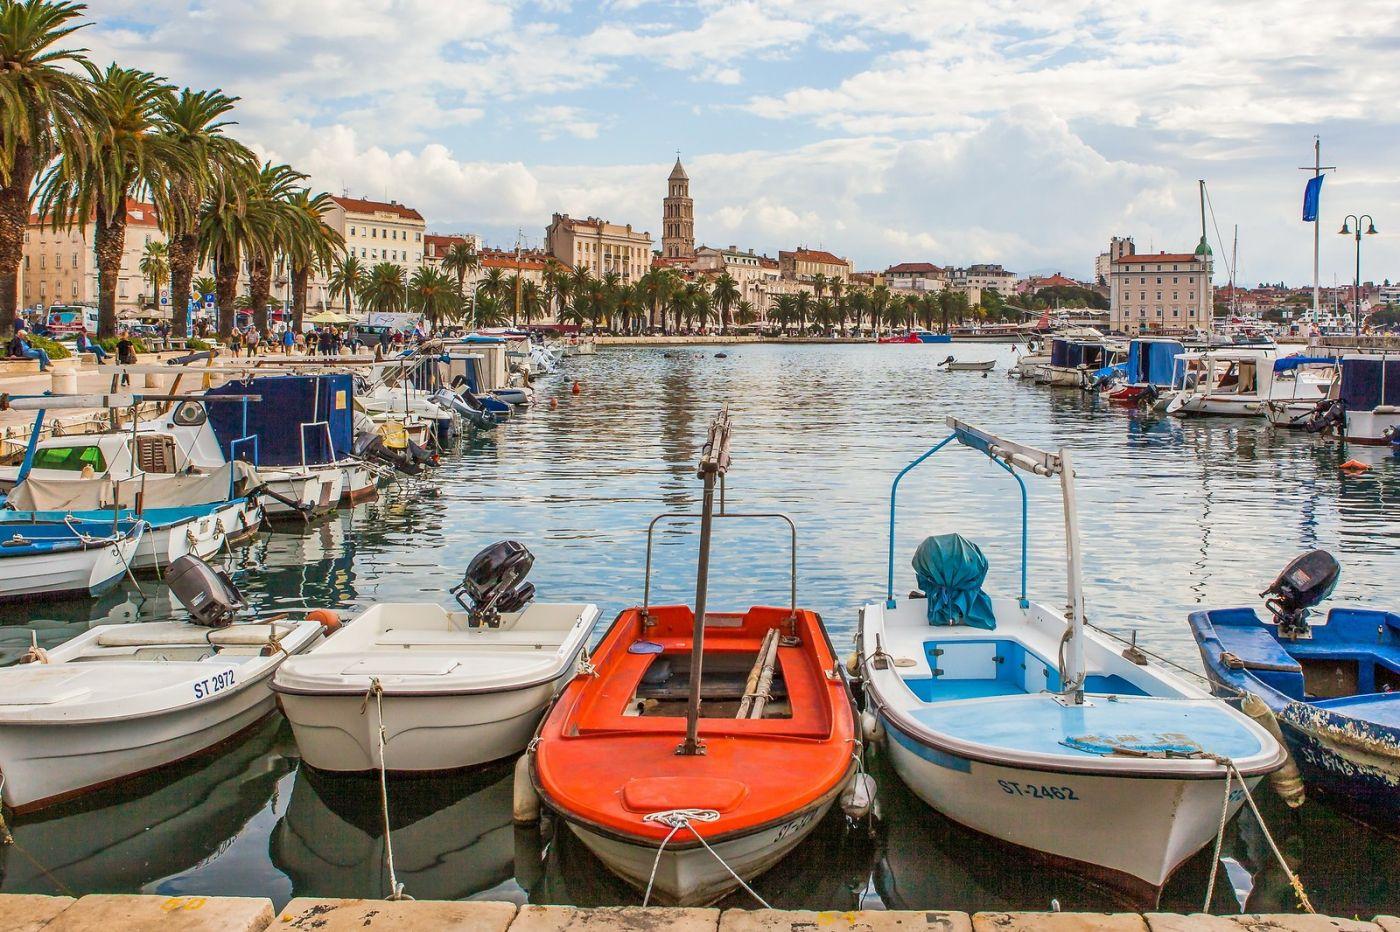 克罗地亚斯普利特(Split),美丽海滨城市_图1-17